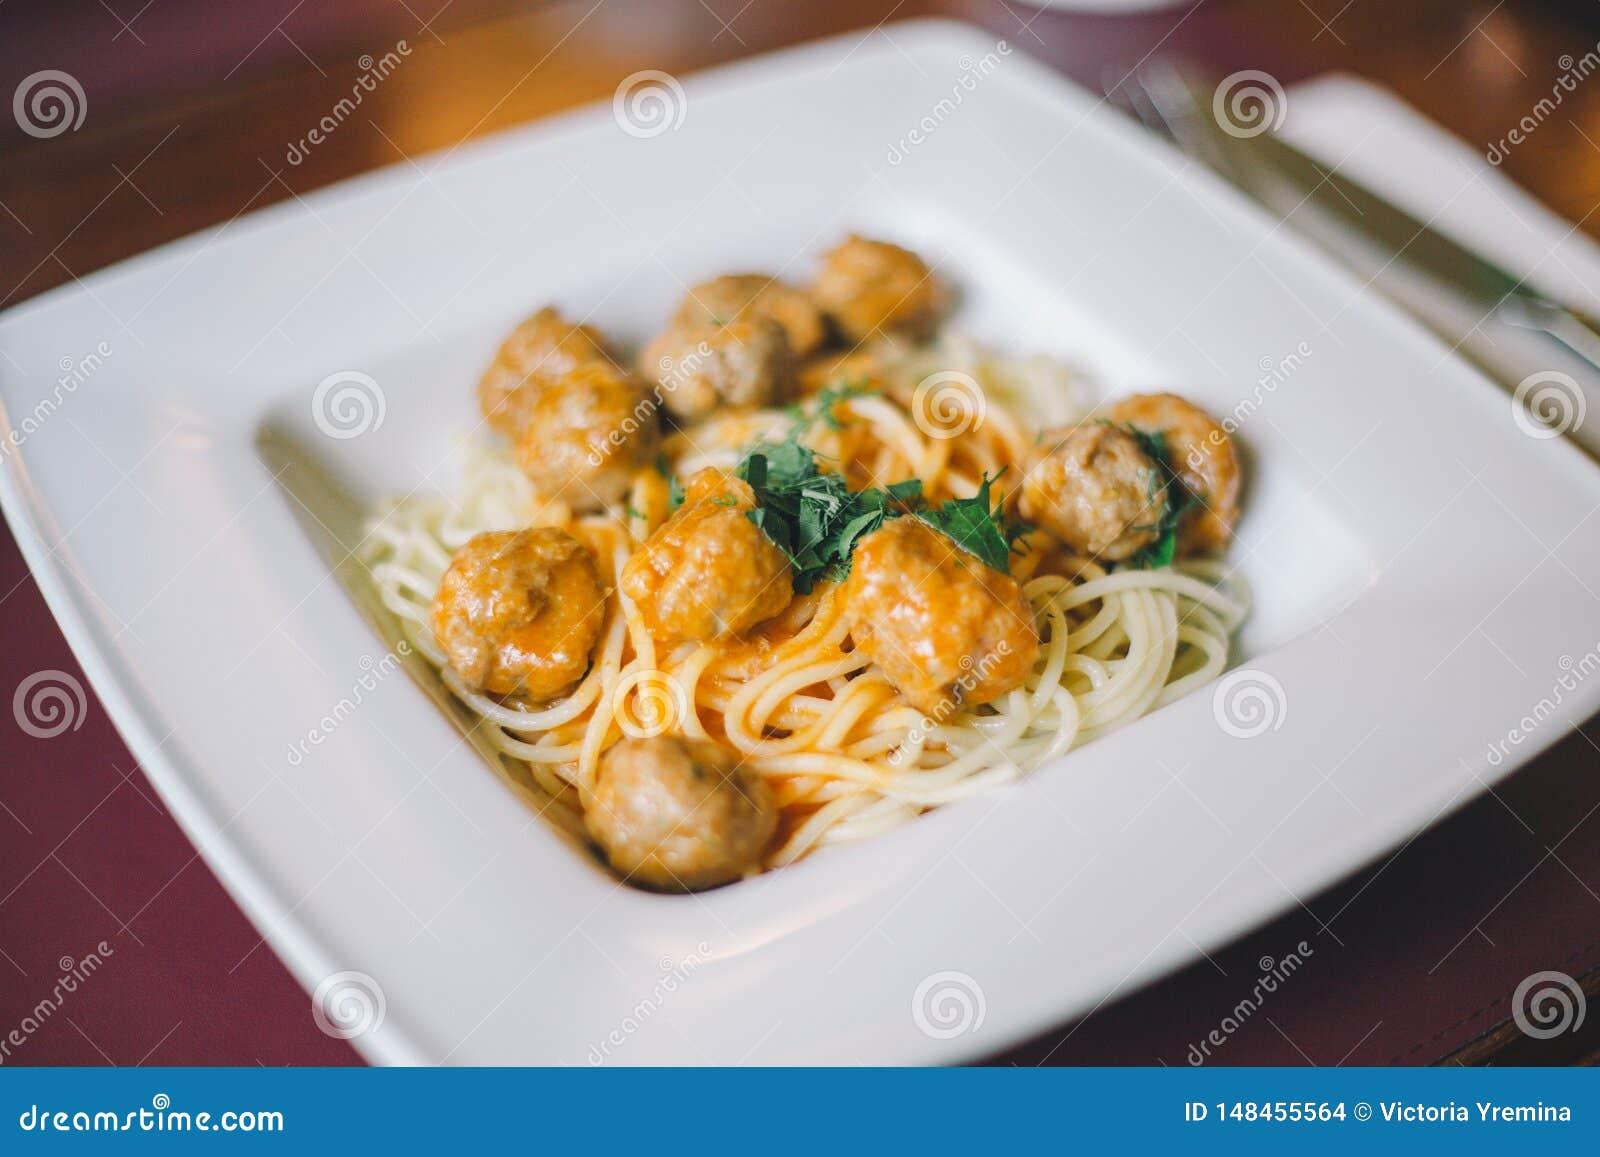 意粉面团特写镜头用丸子和西红柿酱在一块白色板材在桌上